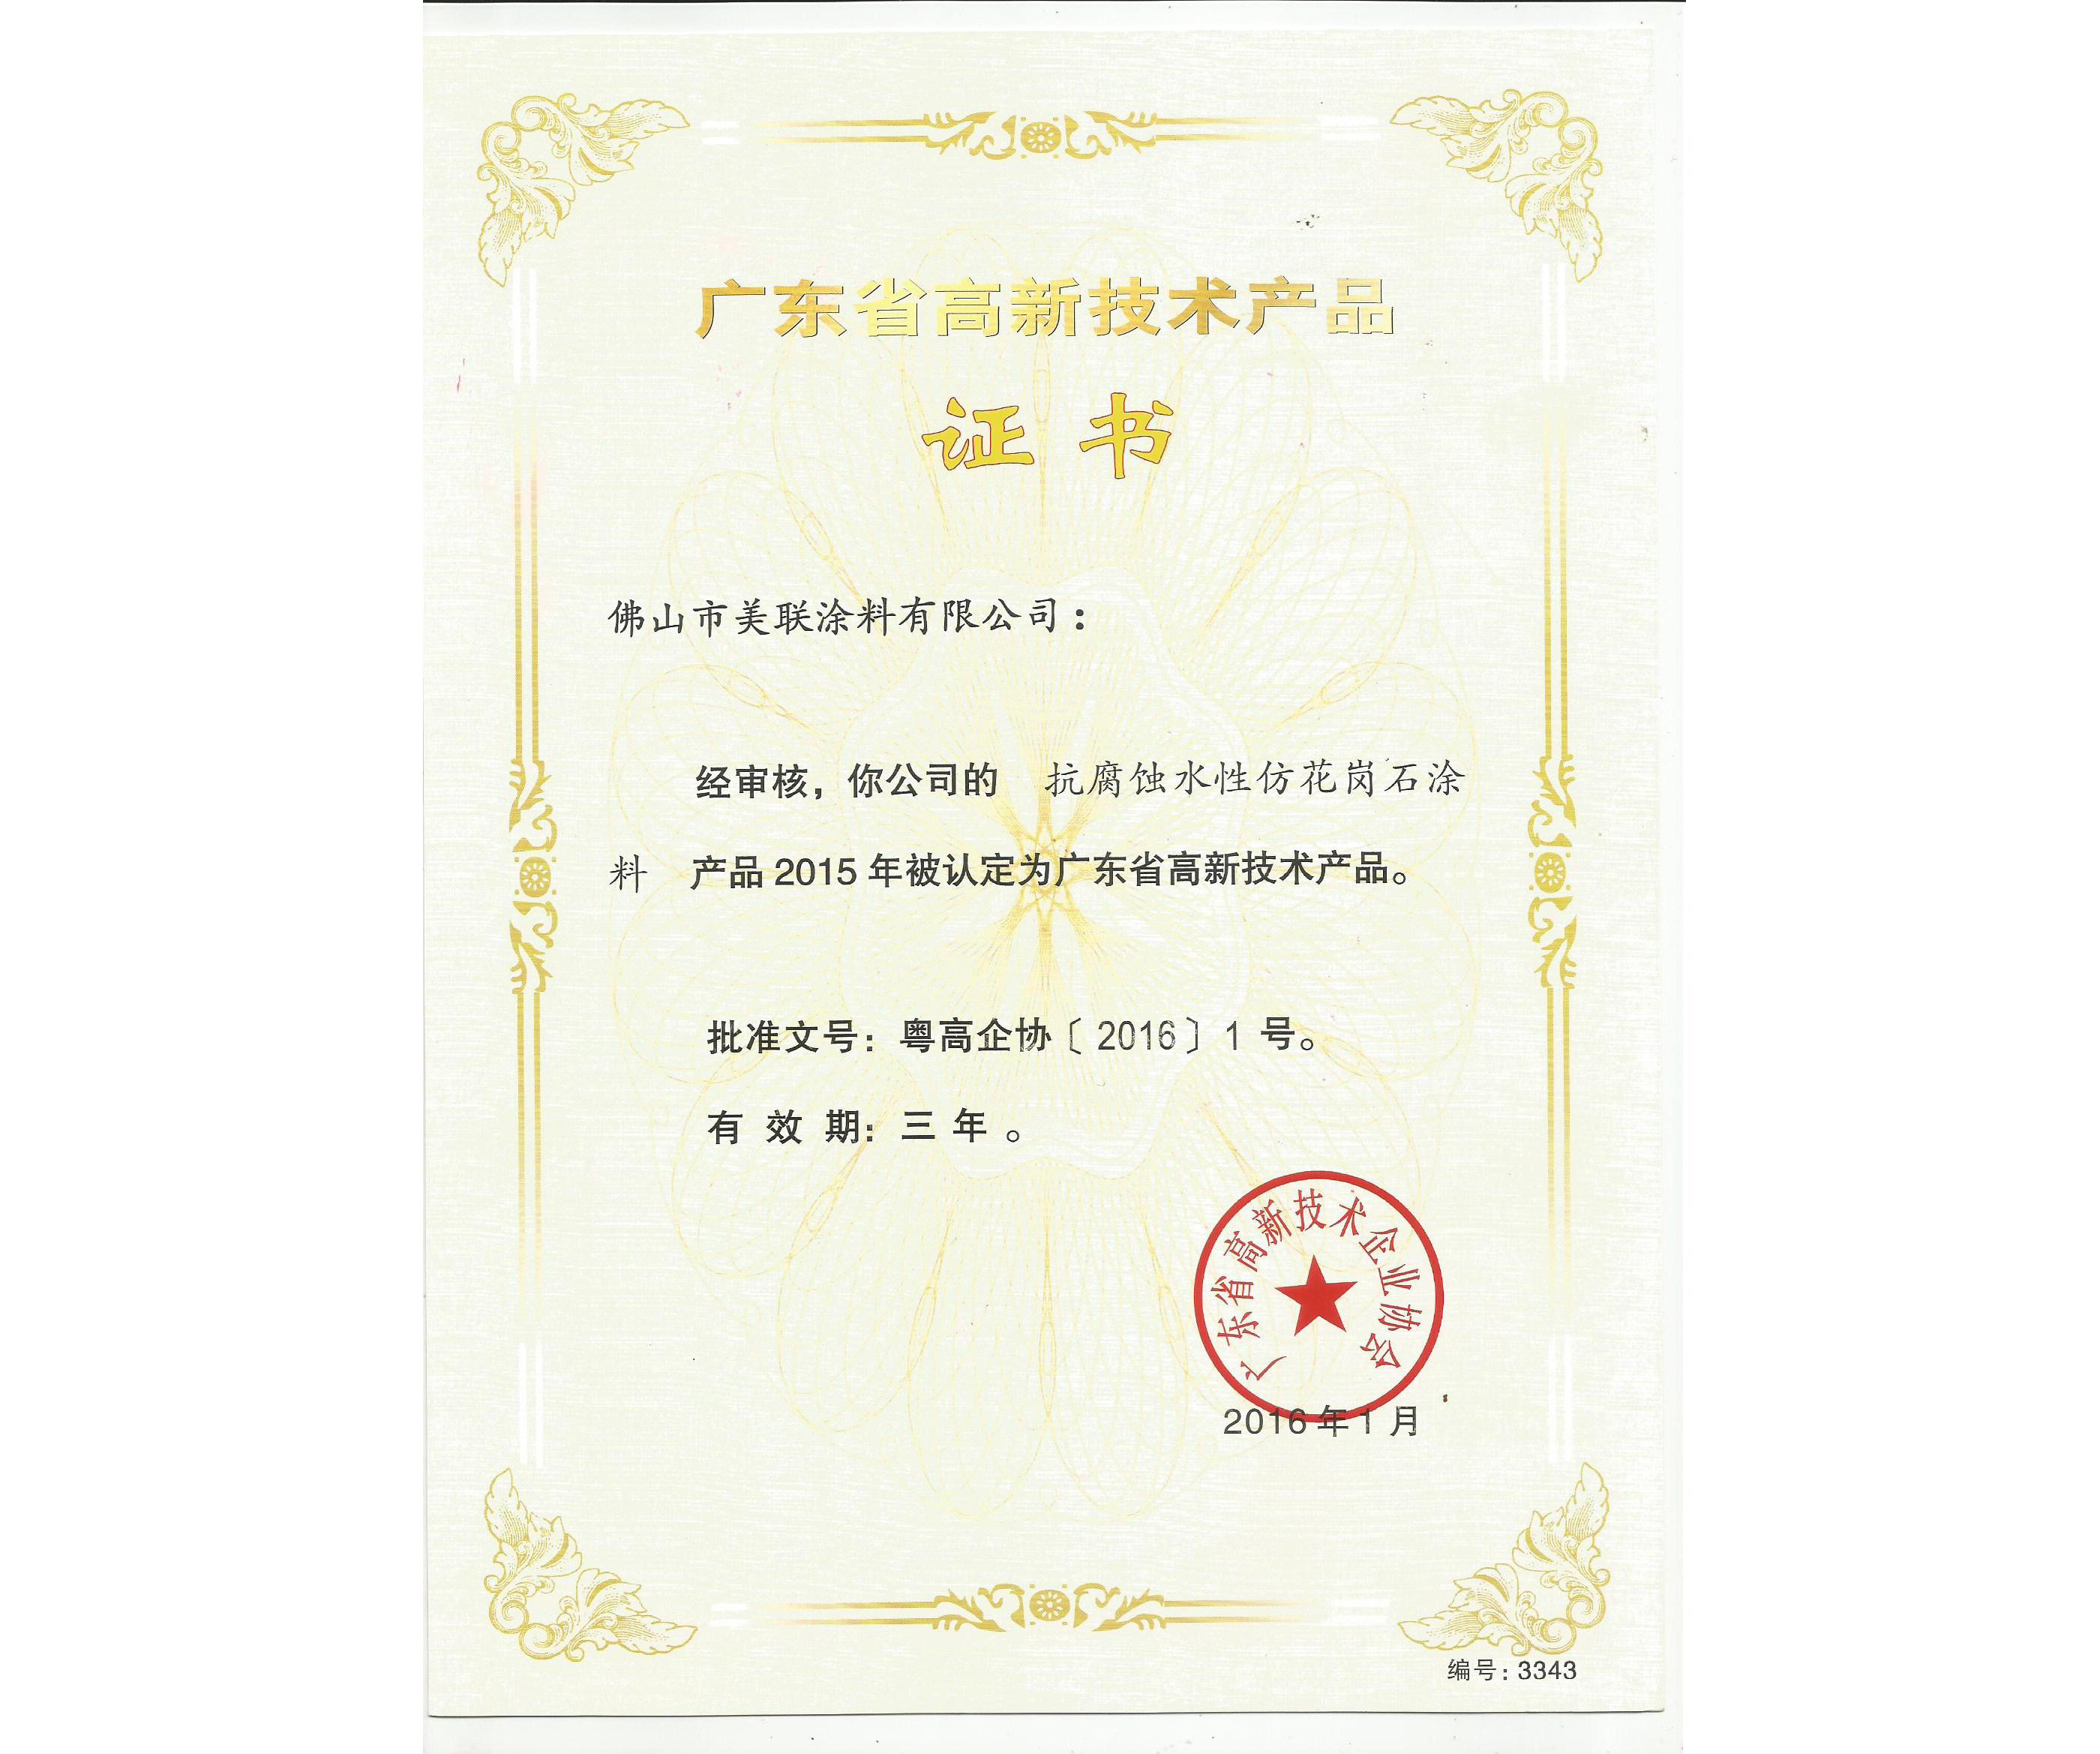 广东省高新技术产品证书(抗腐蚀水性仿花岗石涂料)-美联荣誉